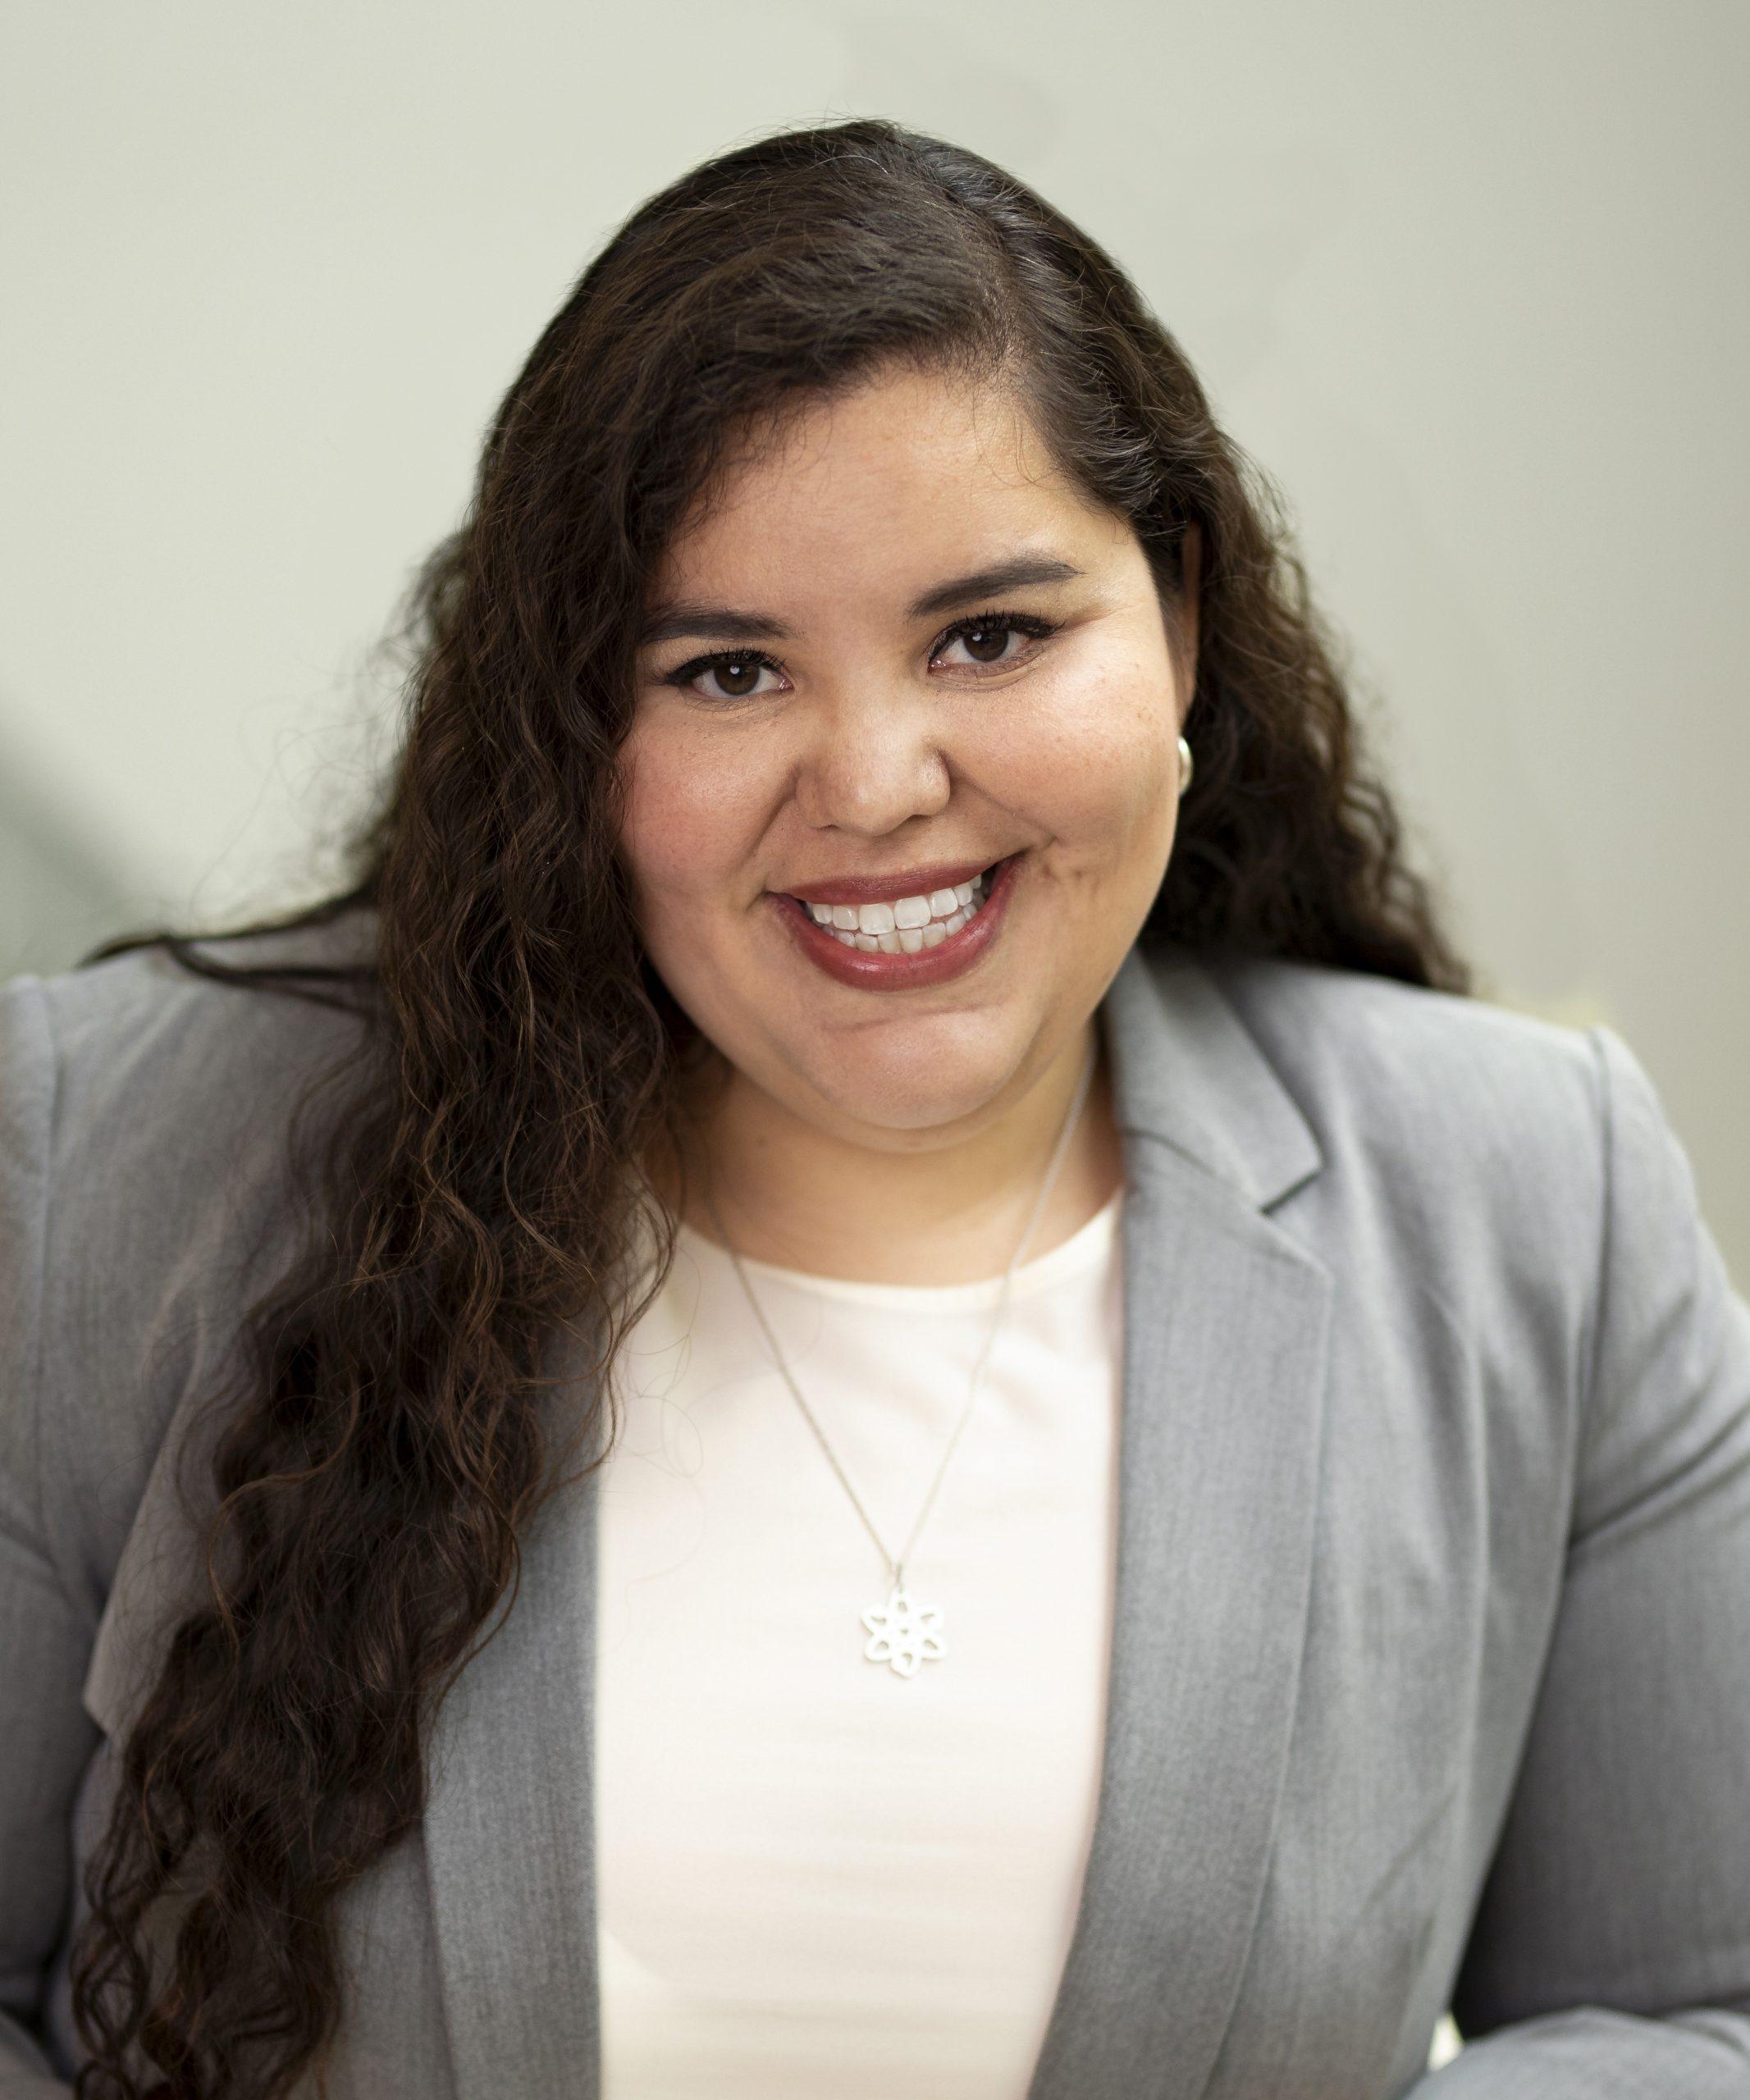 Egresada UDLAP realiza doctorado en Texas A&M University